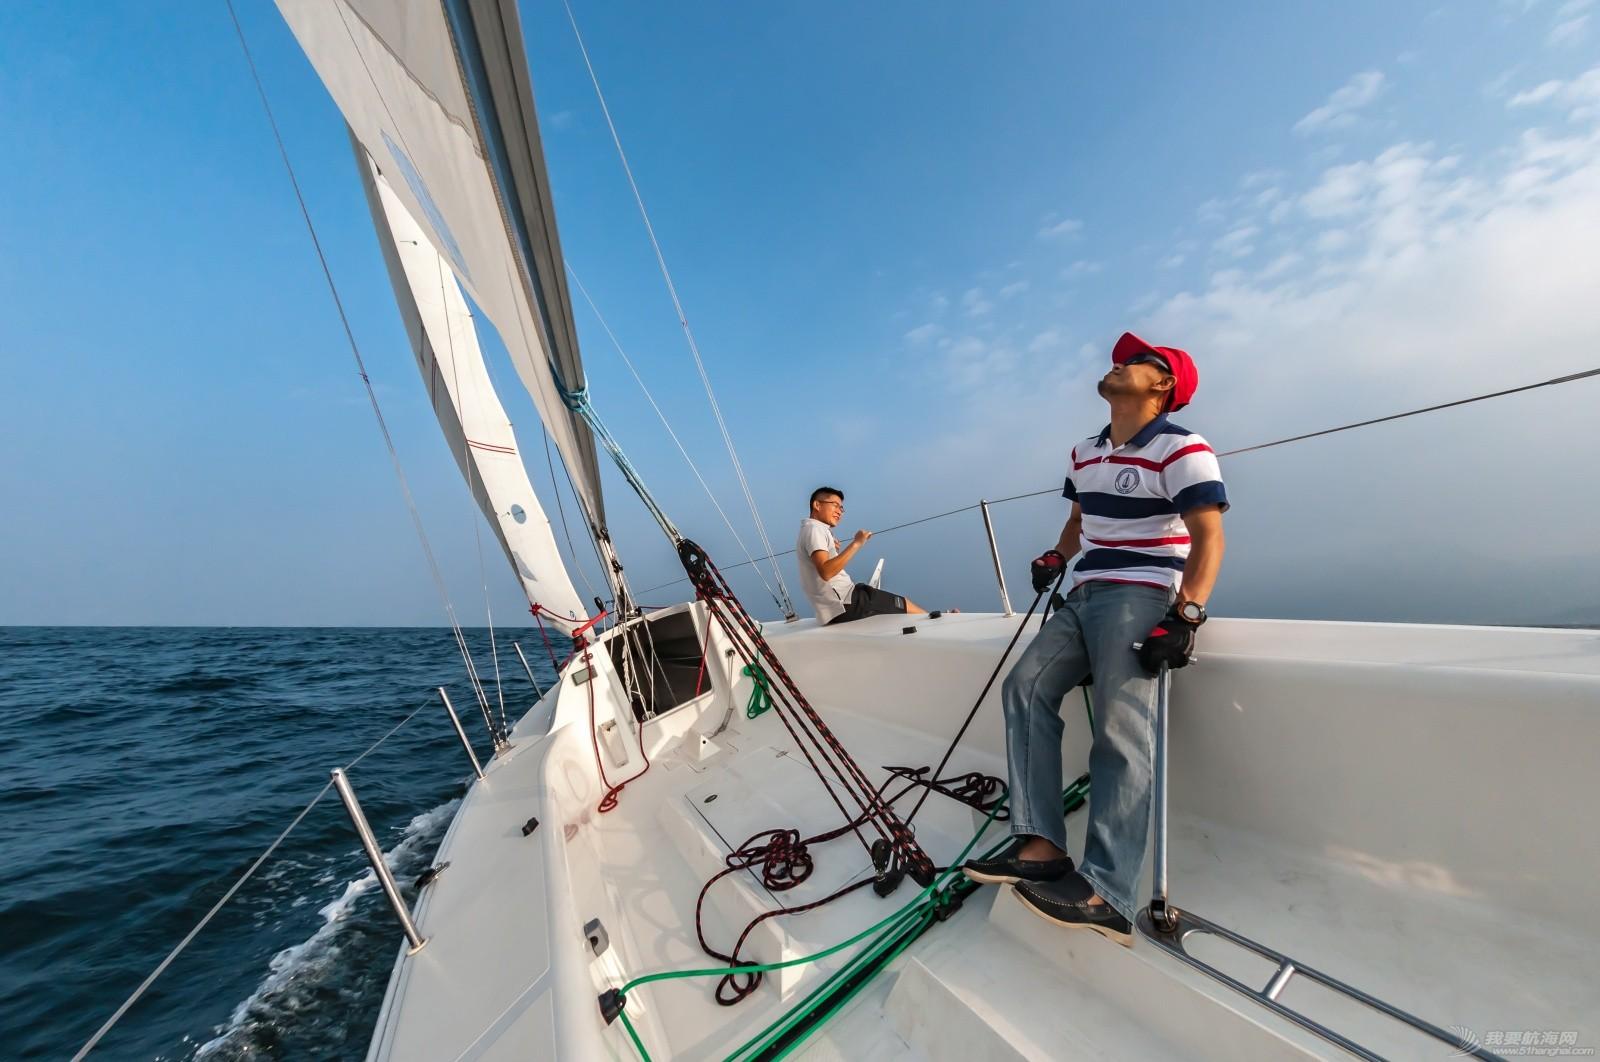 帆船 【2015大鹏杯帆船赛】鱼眼看航海 16037.jpg